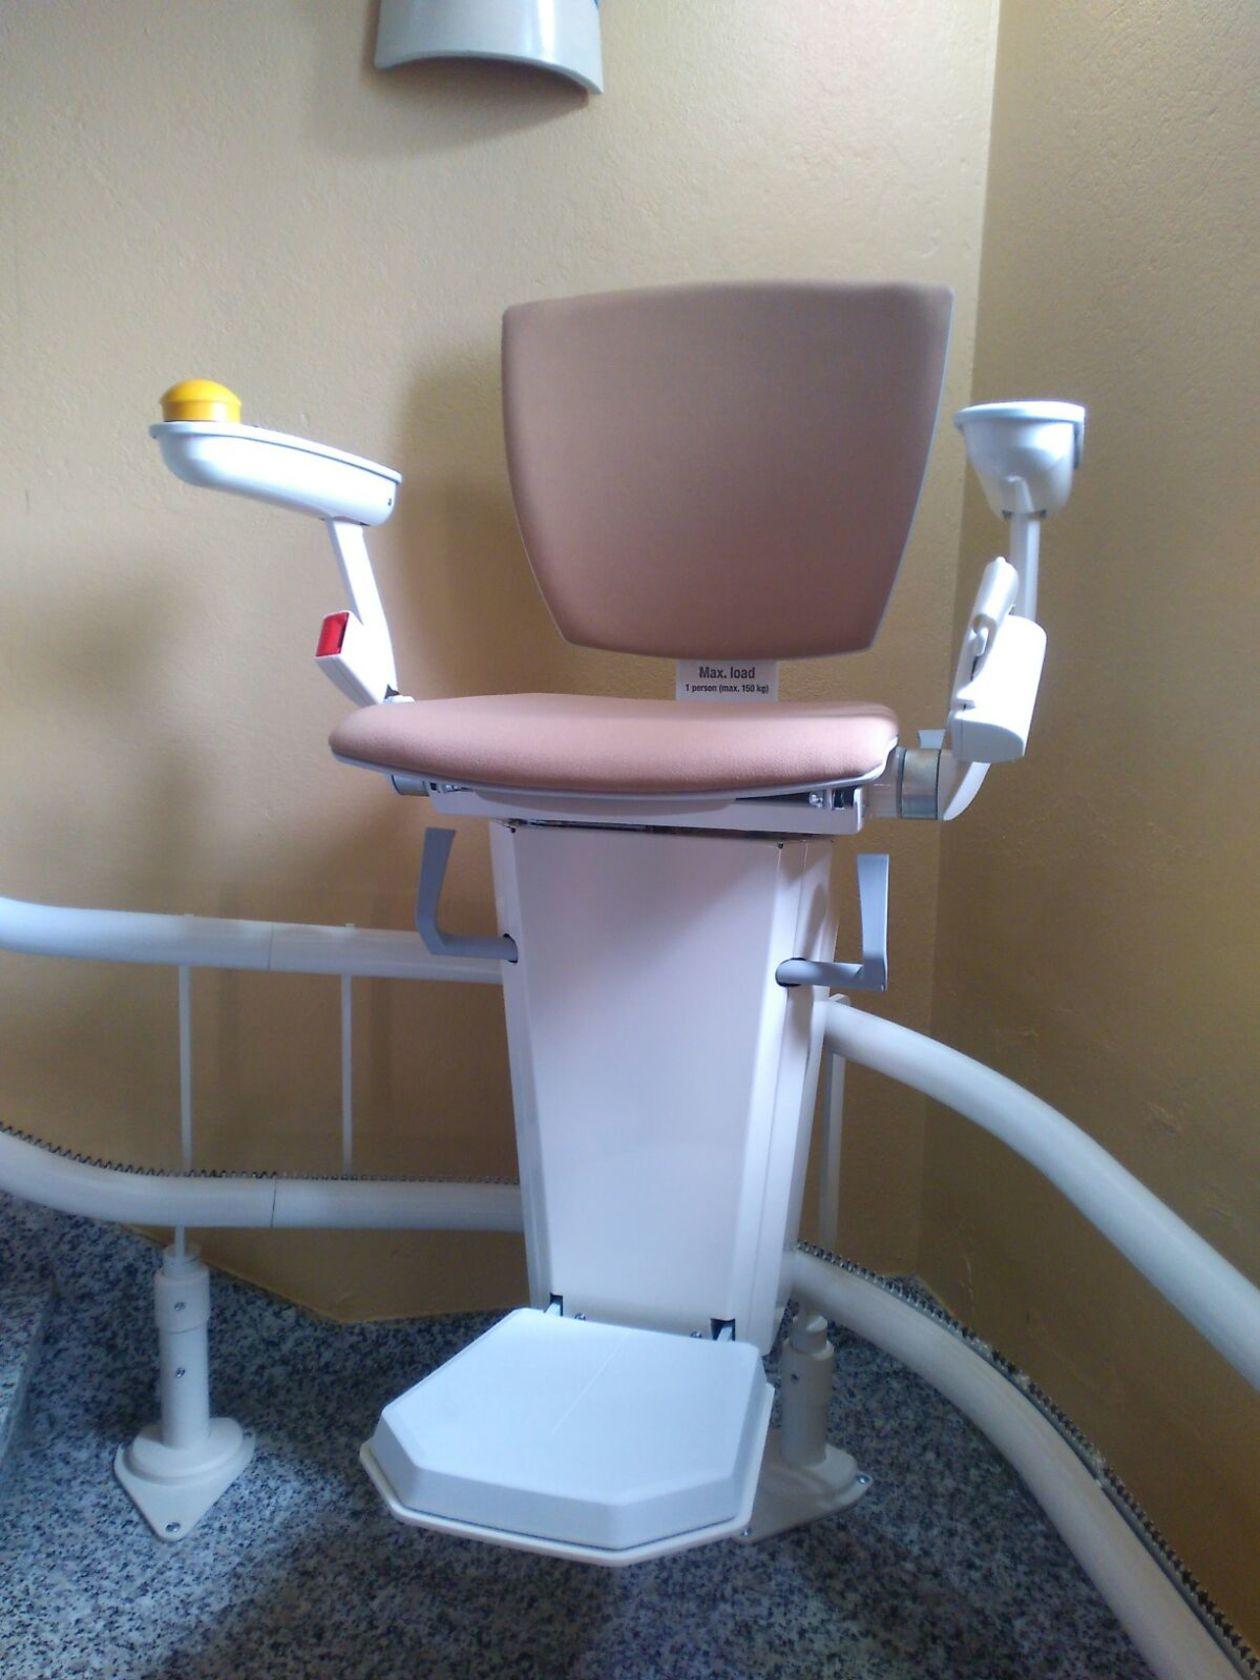 Detalle de la silla en una curva de la escalera